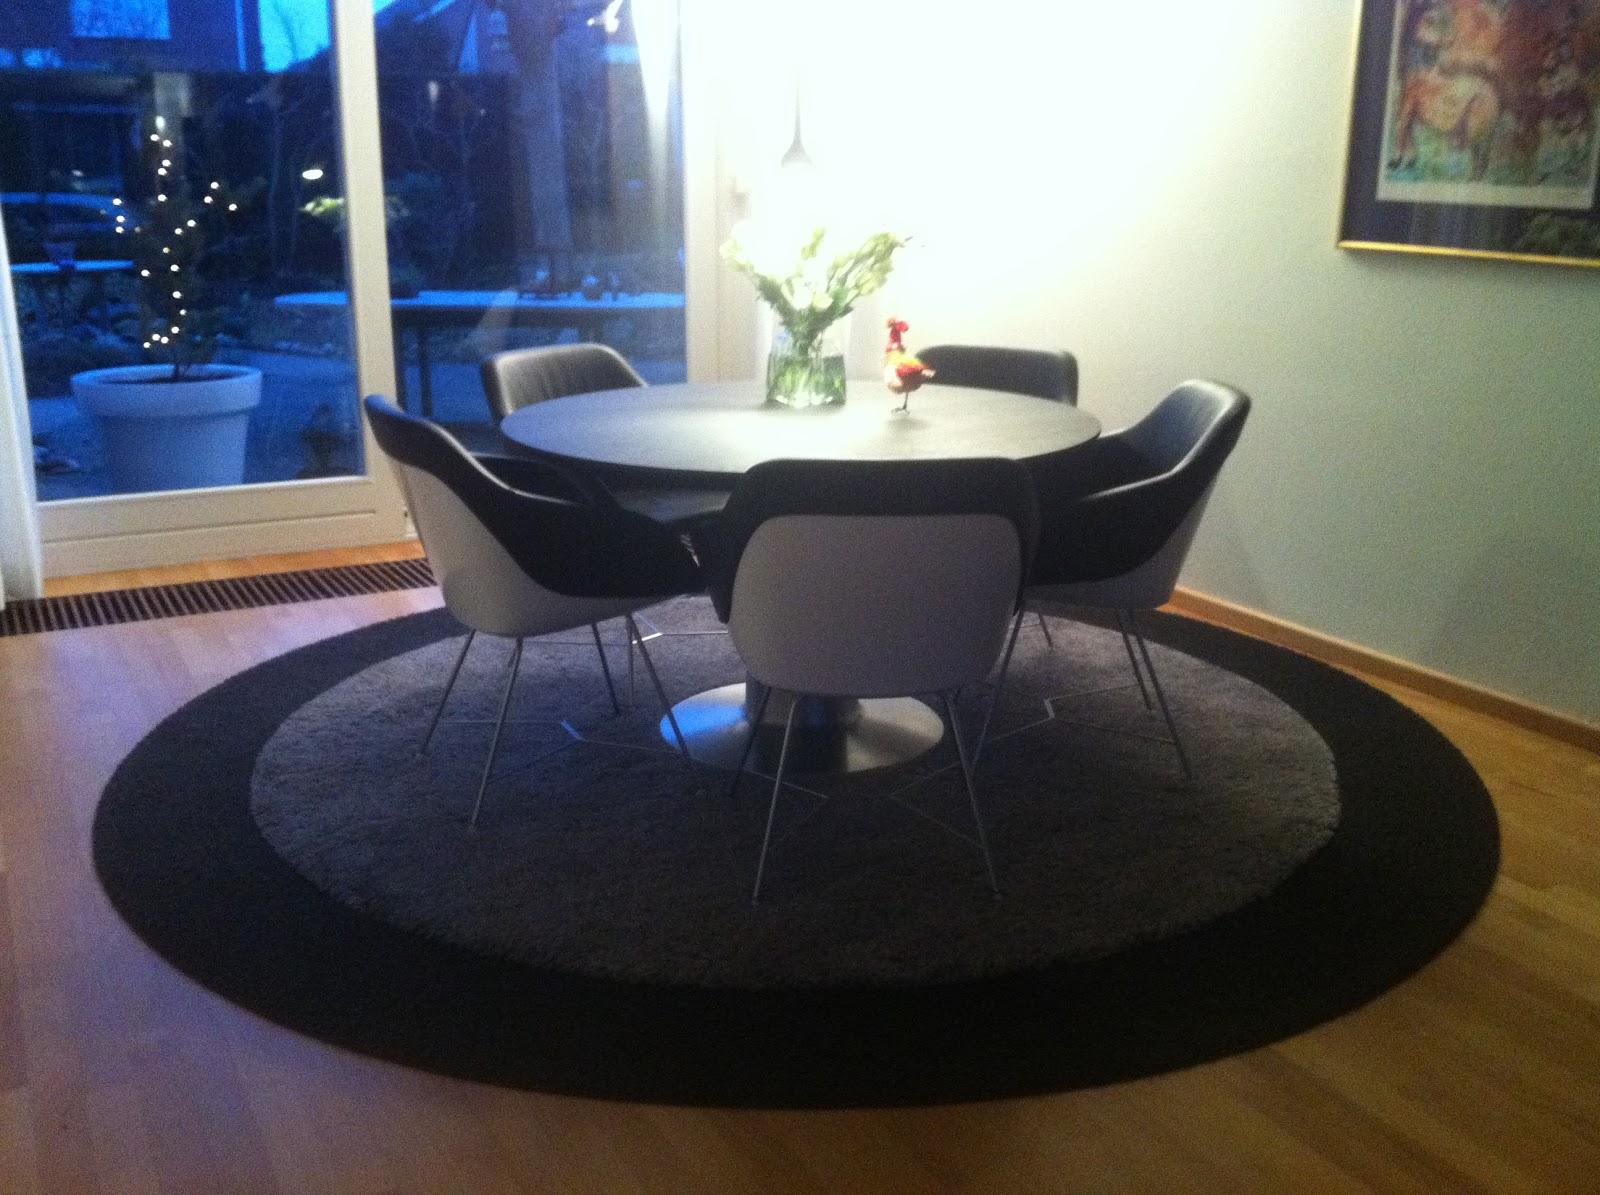 Ploemen interieur walter knoll turtle stoelen en arco balance tafel - Knoll stoelen ...